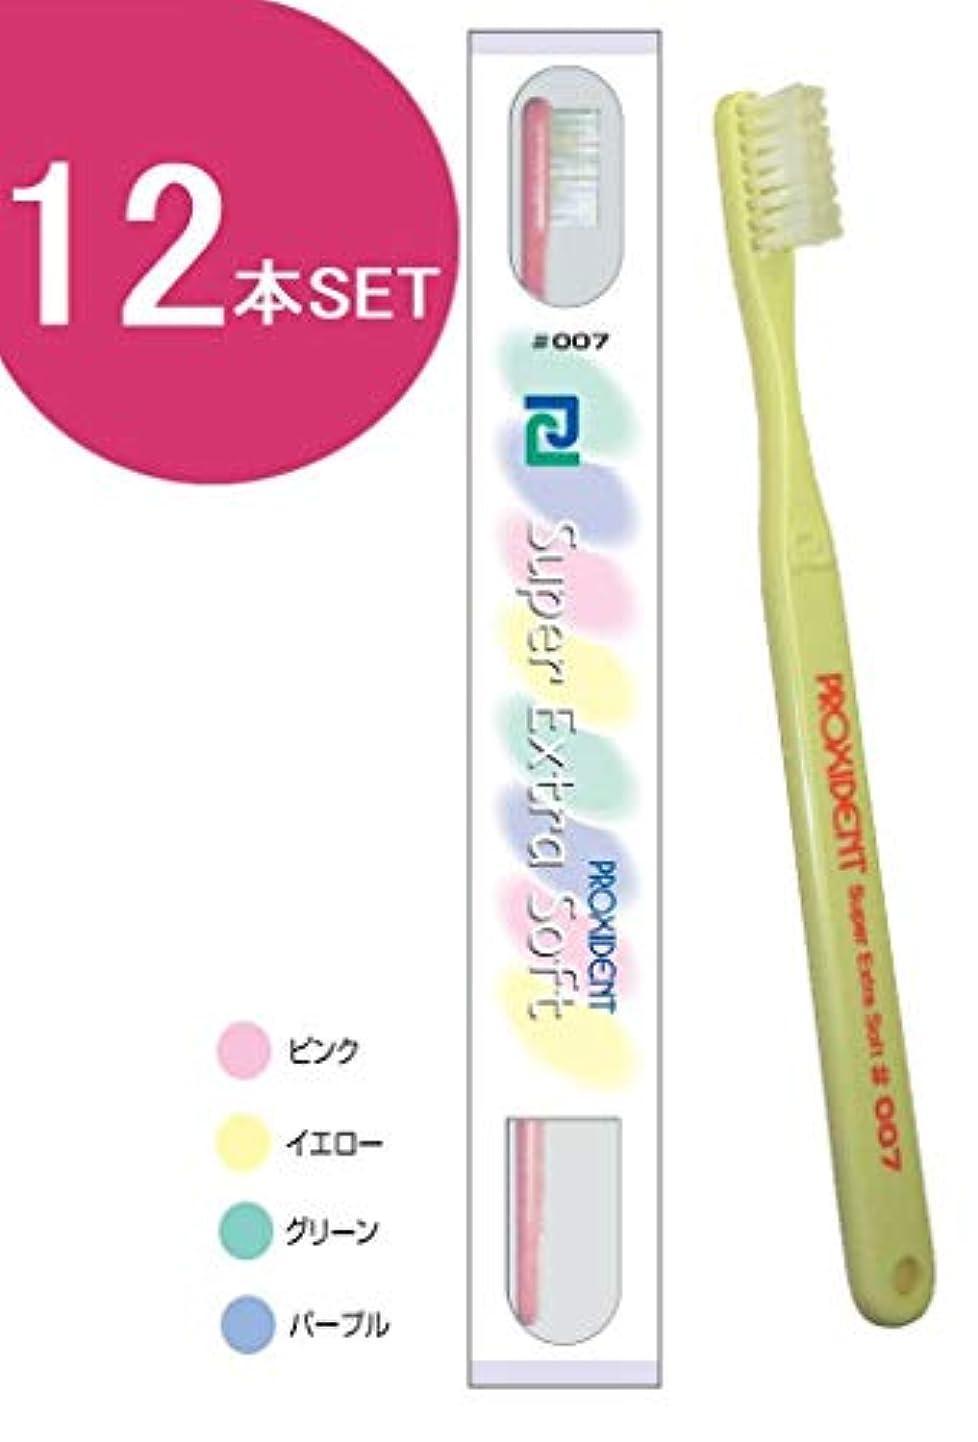 エネルギーグレートバリアリーフヘルパープローデント プロキシデント スリムトヘッド スーパーエクストラ ソフト歯ブラシ #007 (12本)